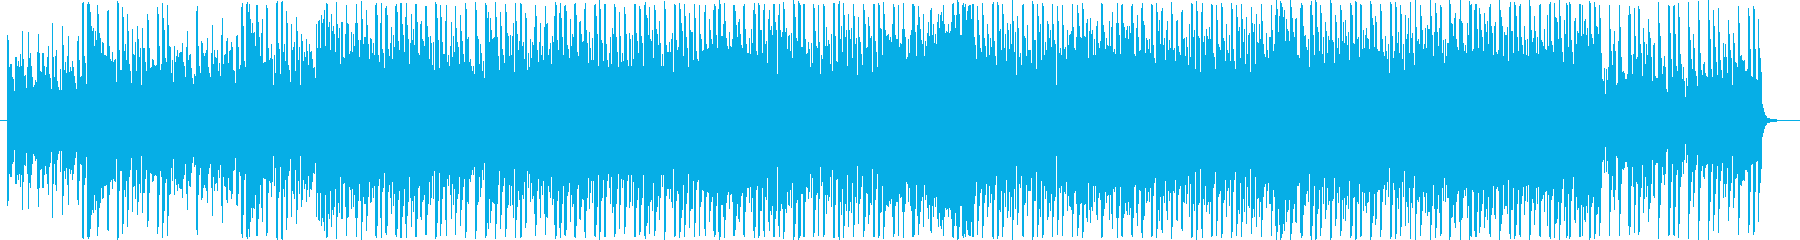 金属的なフニャフニャ音のダンス曲の再生済みの波形